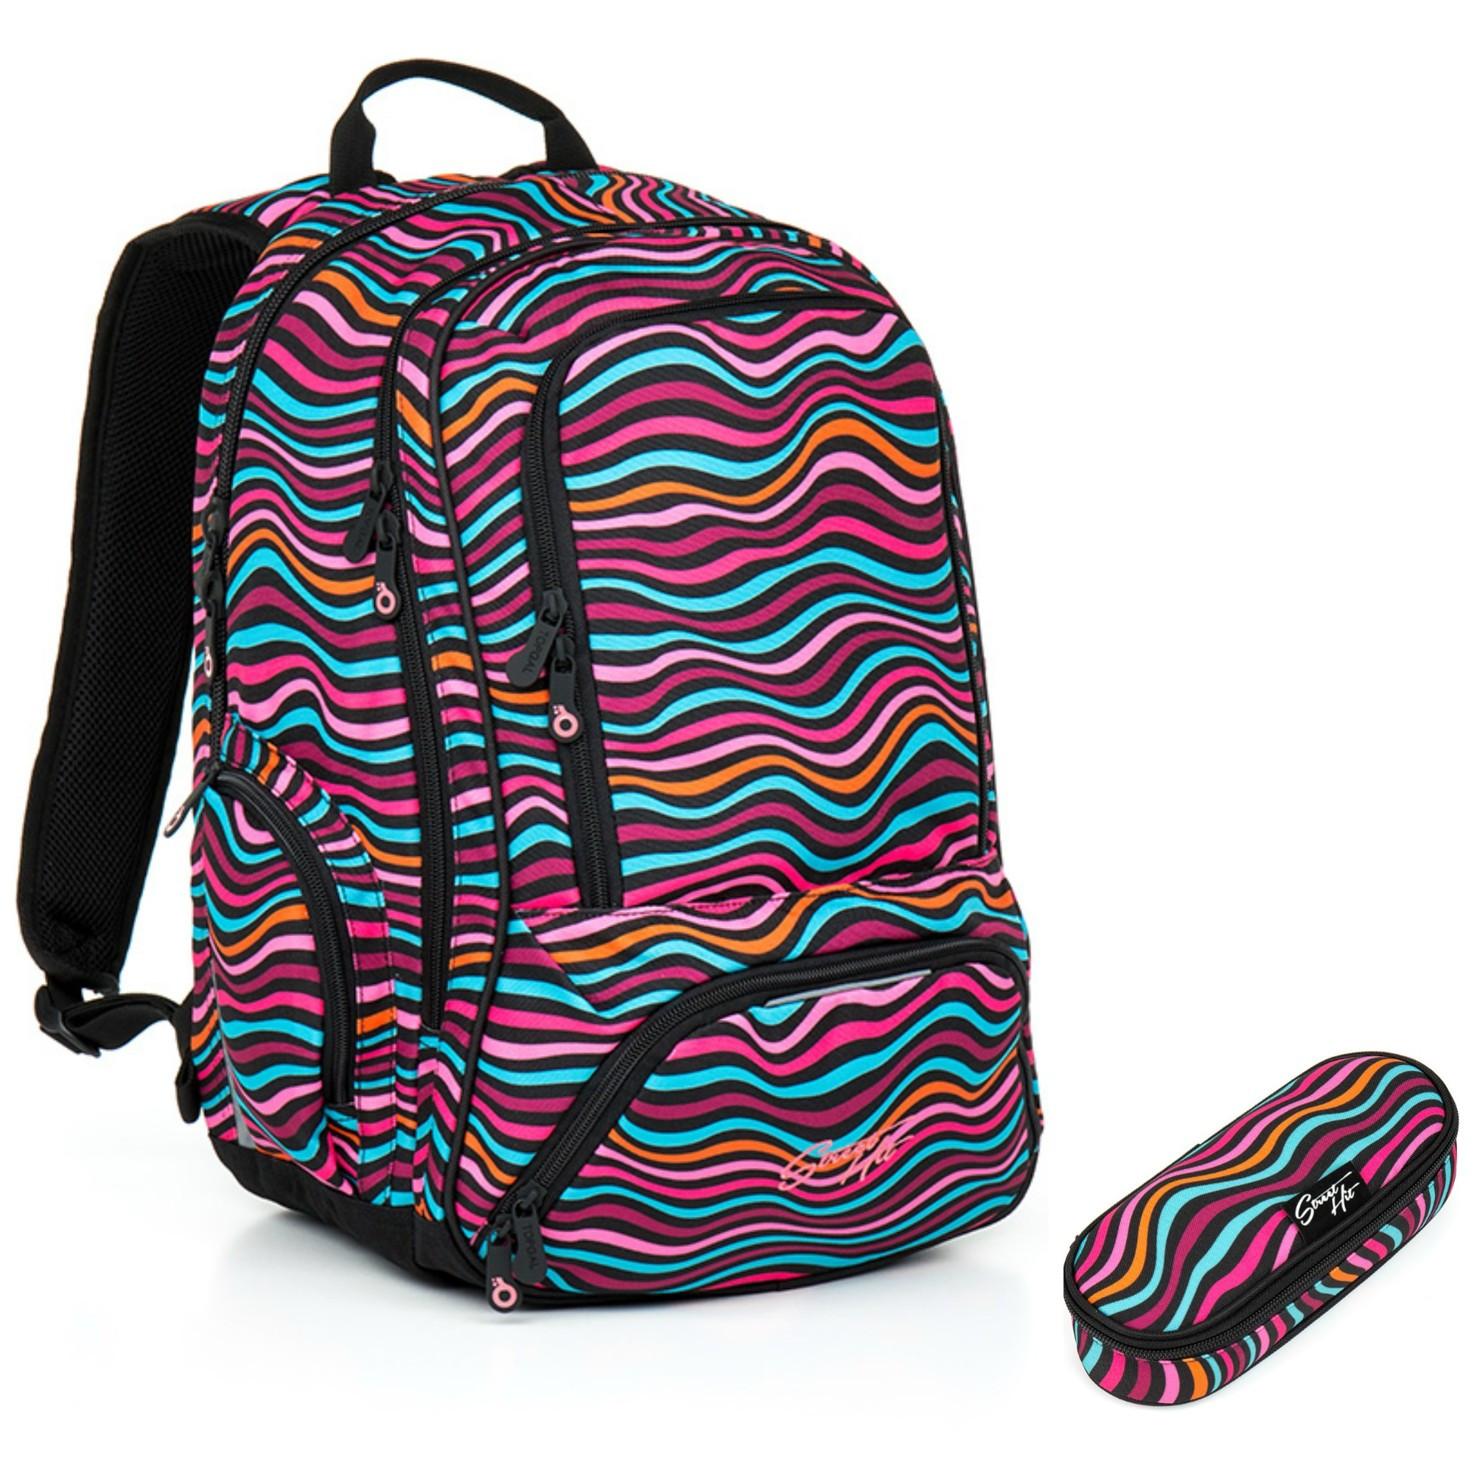 Studentský batoh a penál Topgal - HIT 858 H + HIT 870 H  35f11238ea